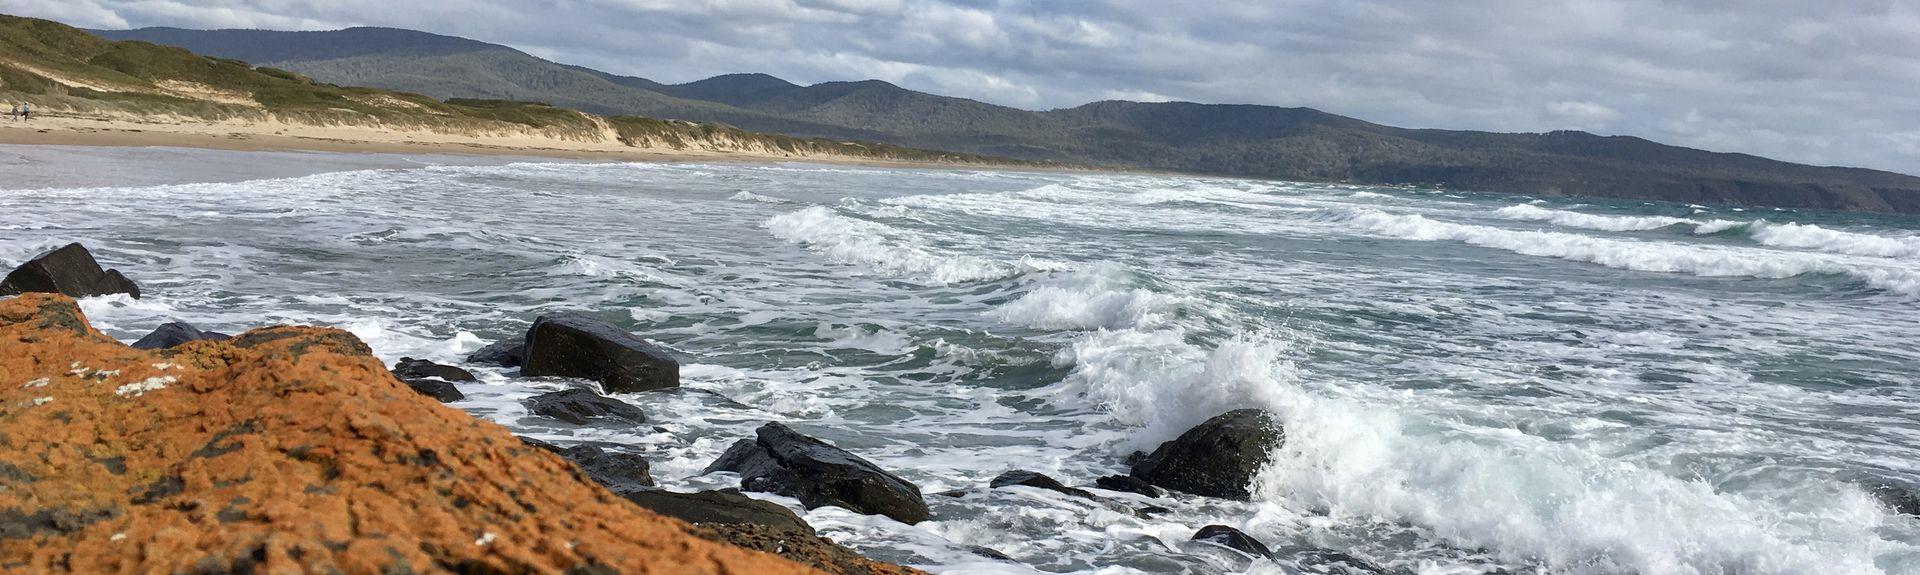 Kayena, Tasmania, Australia